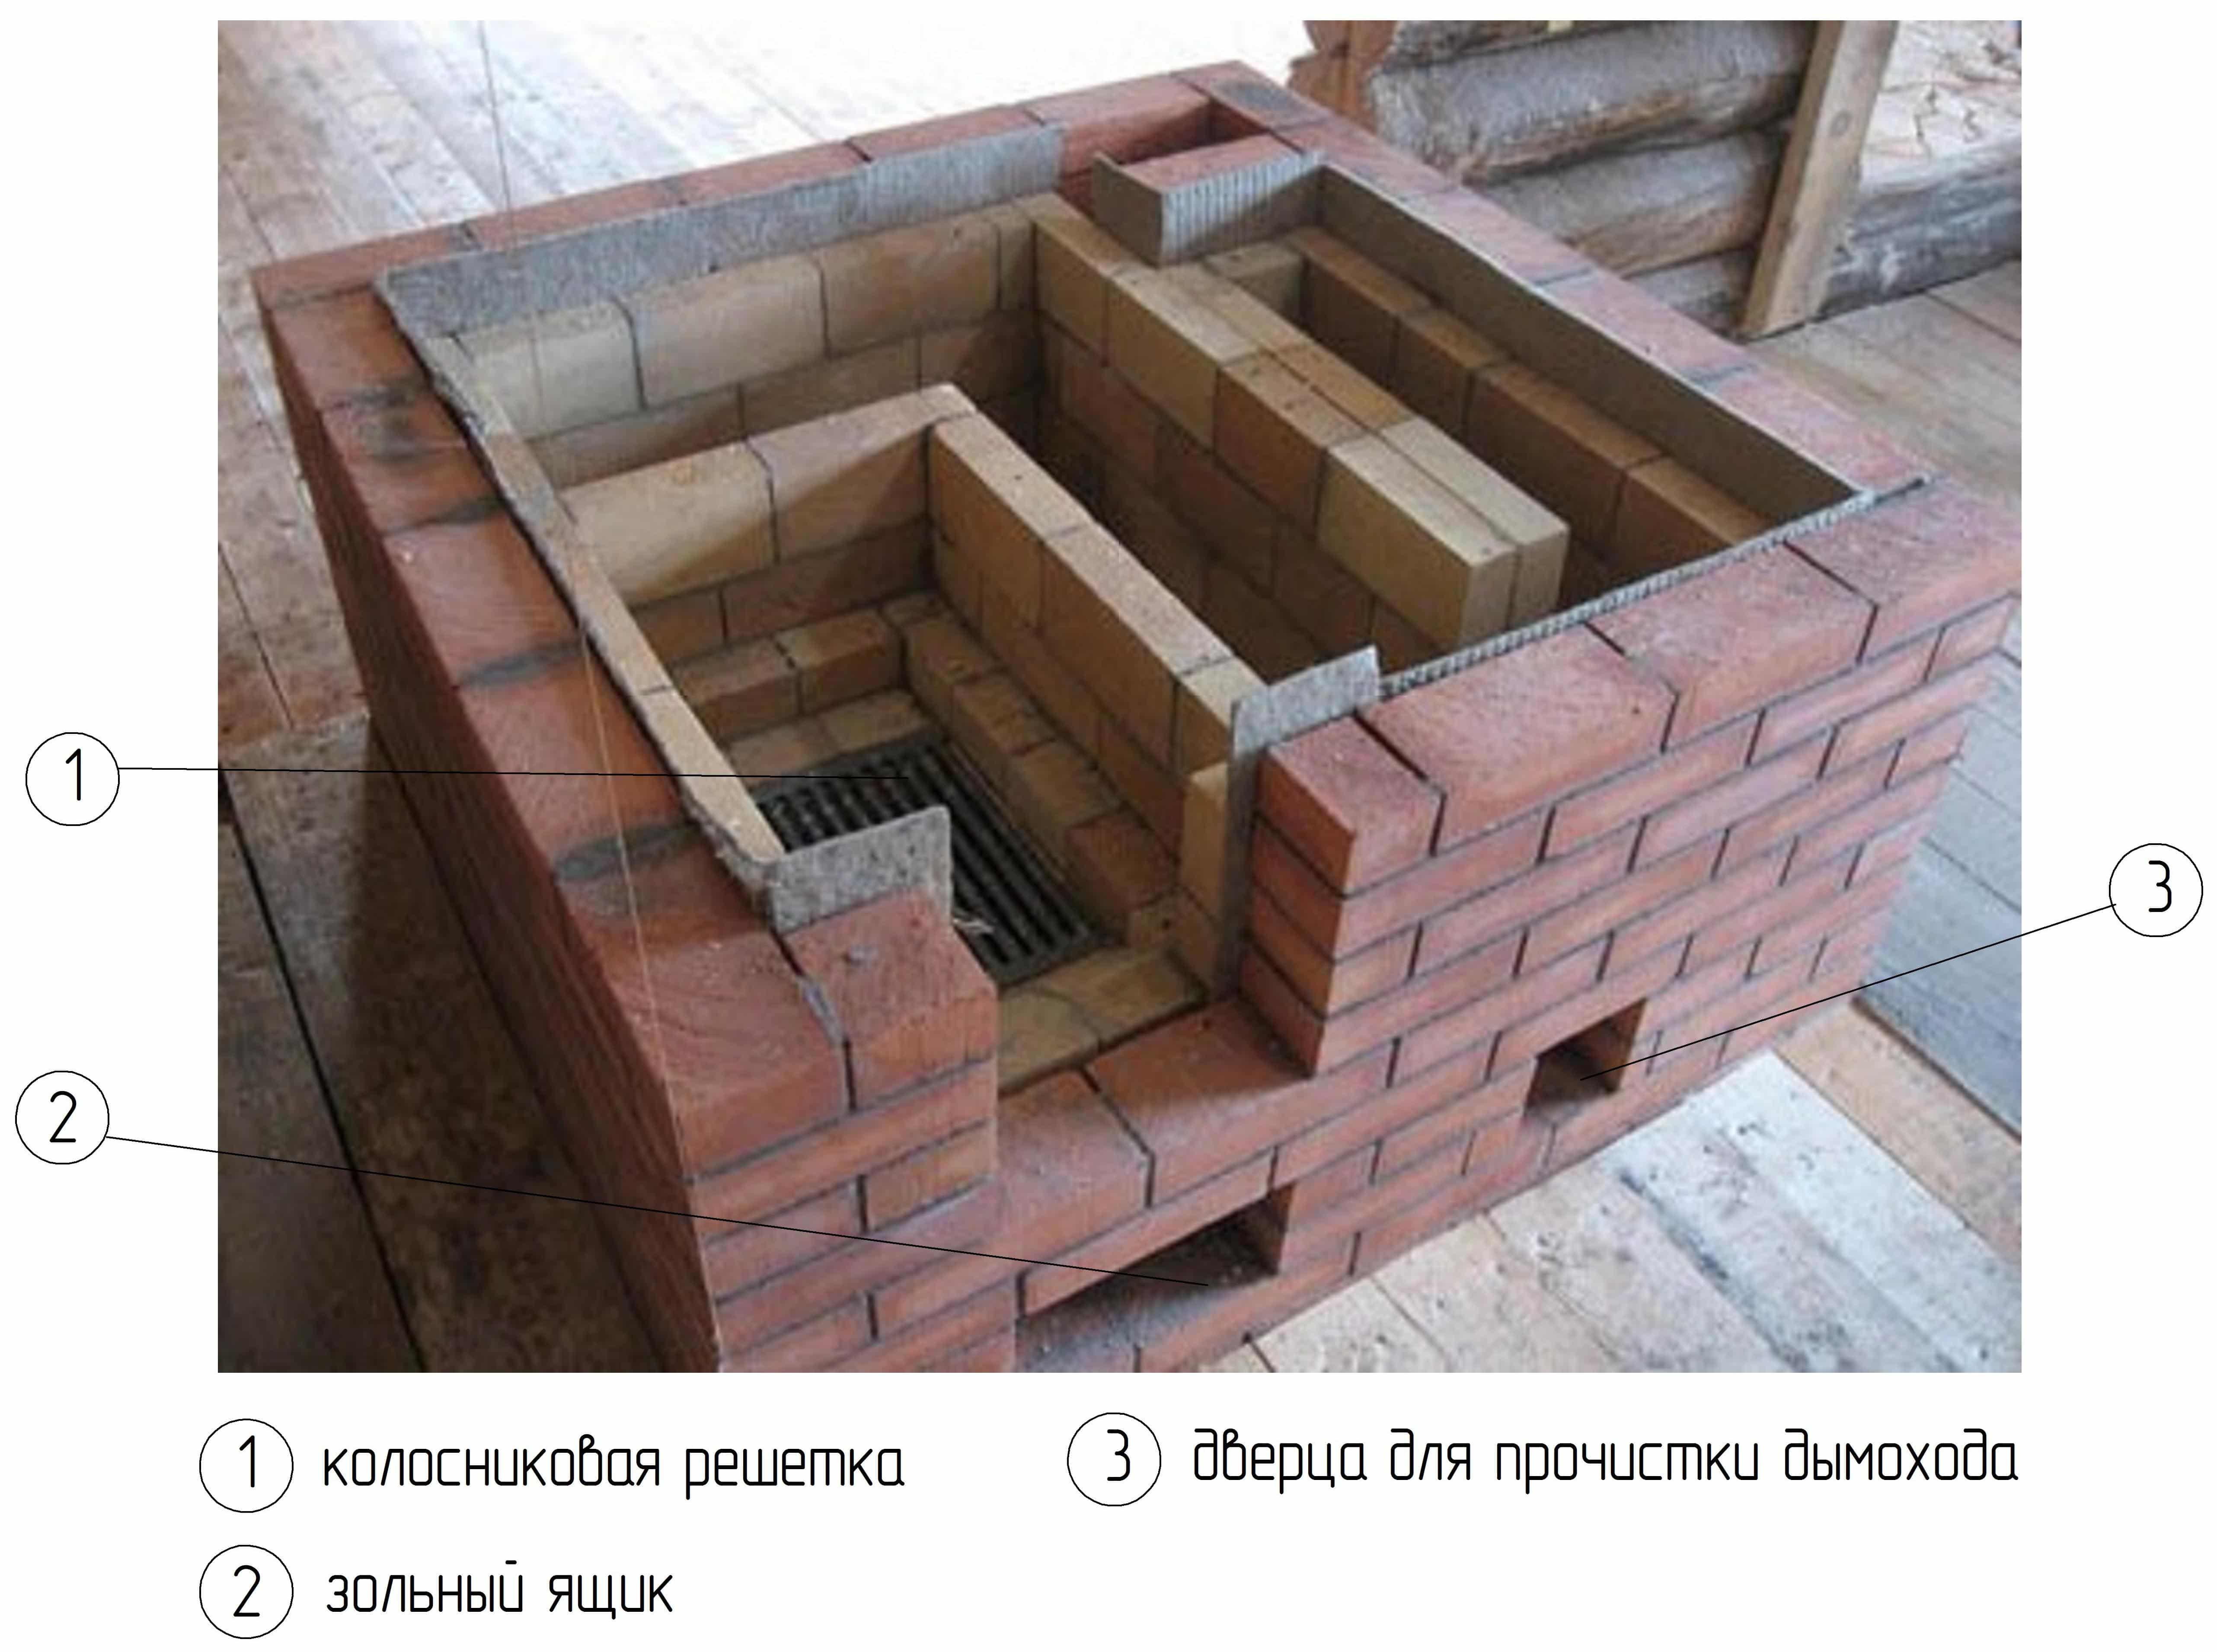 колосниковая решетка и выдвижной зольный ящик